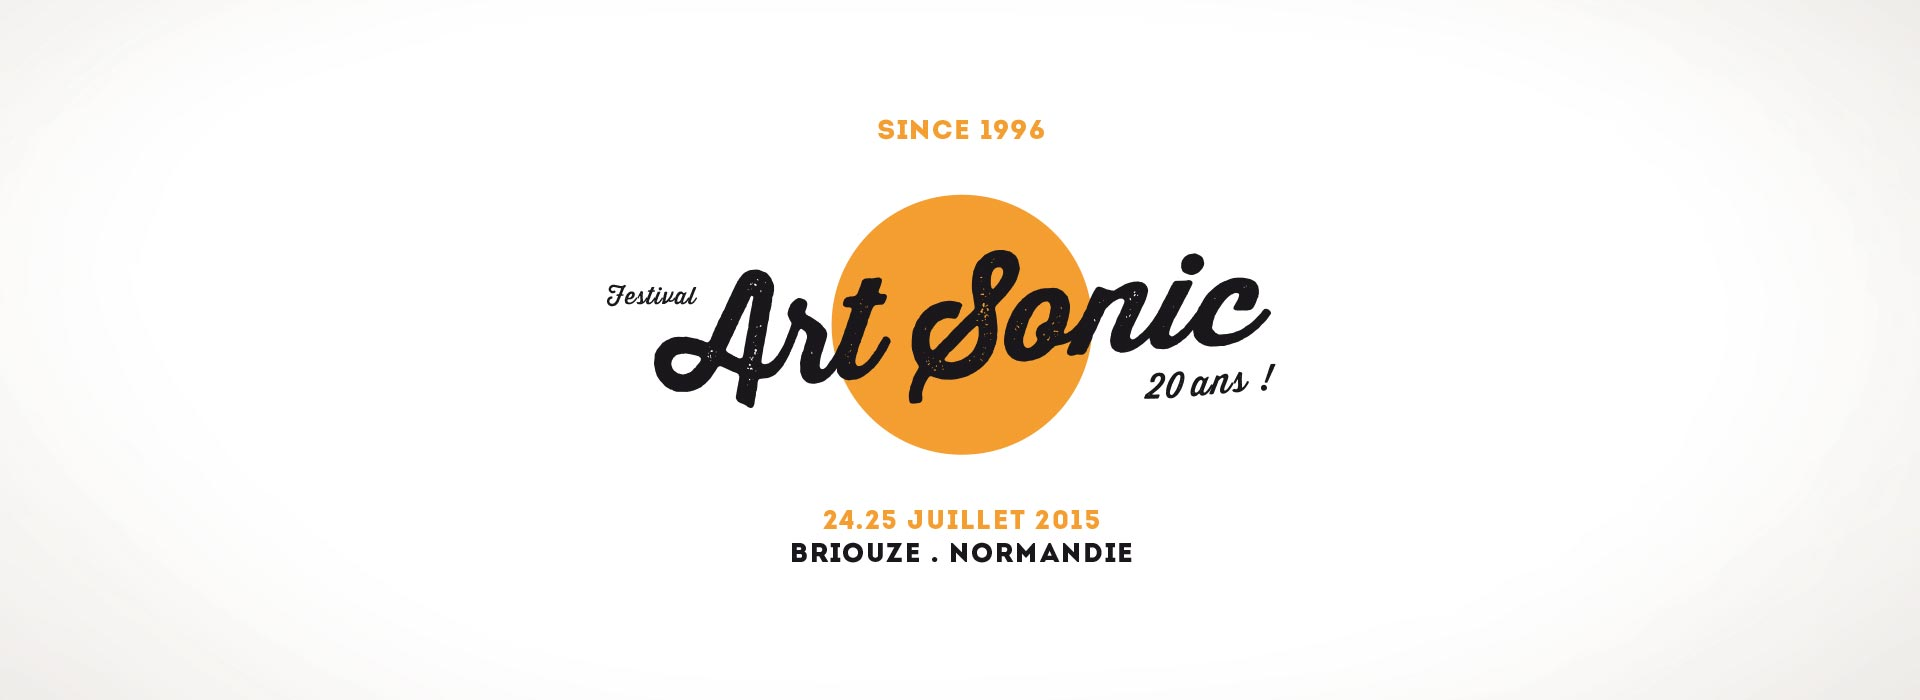 logo-art-sonic